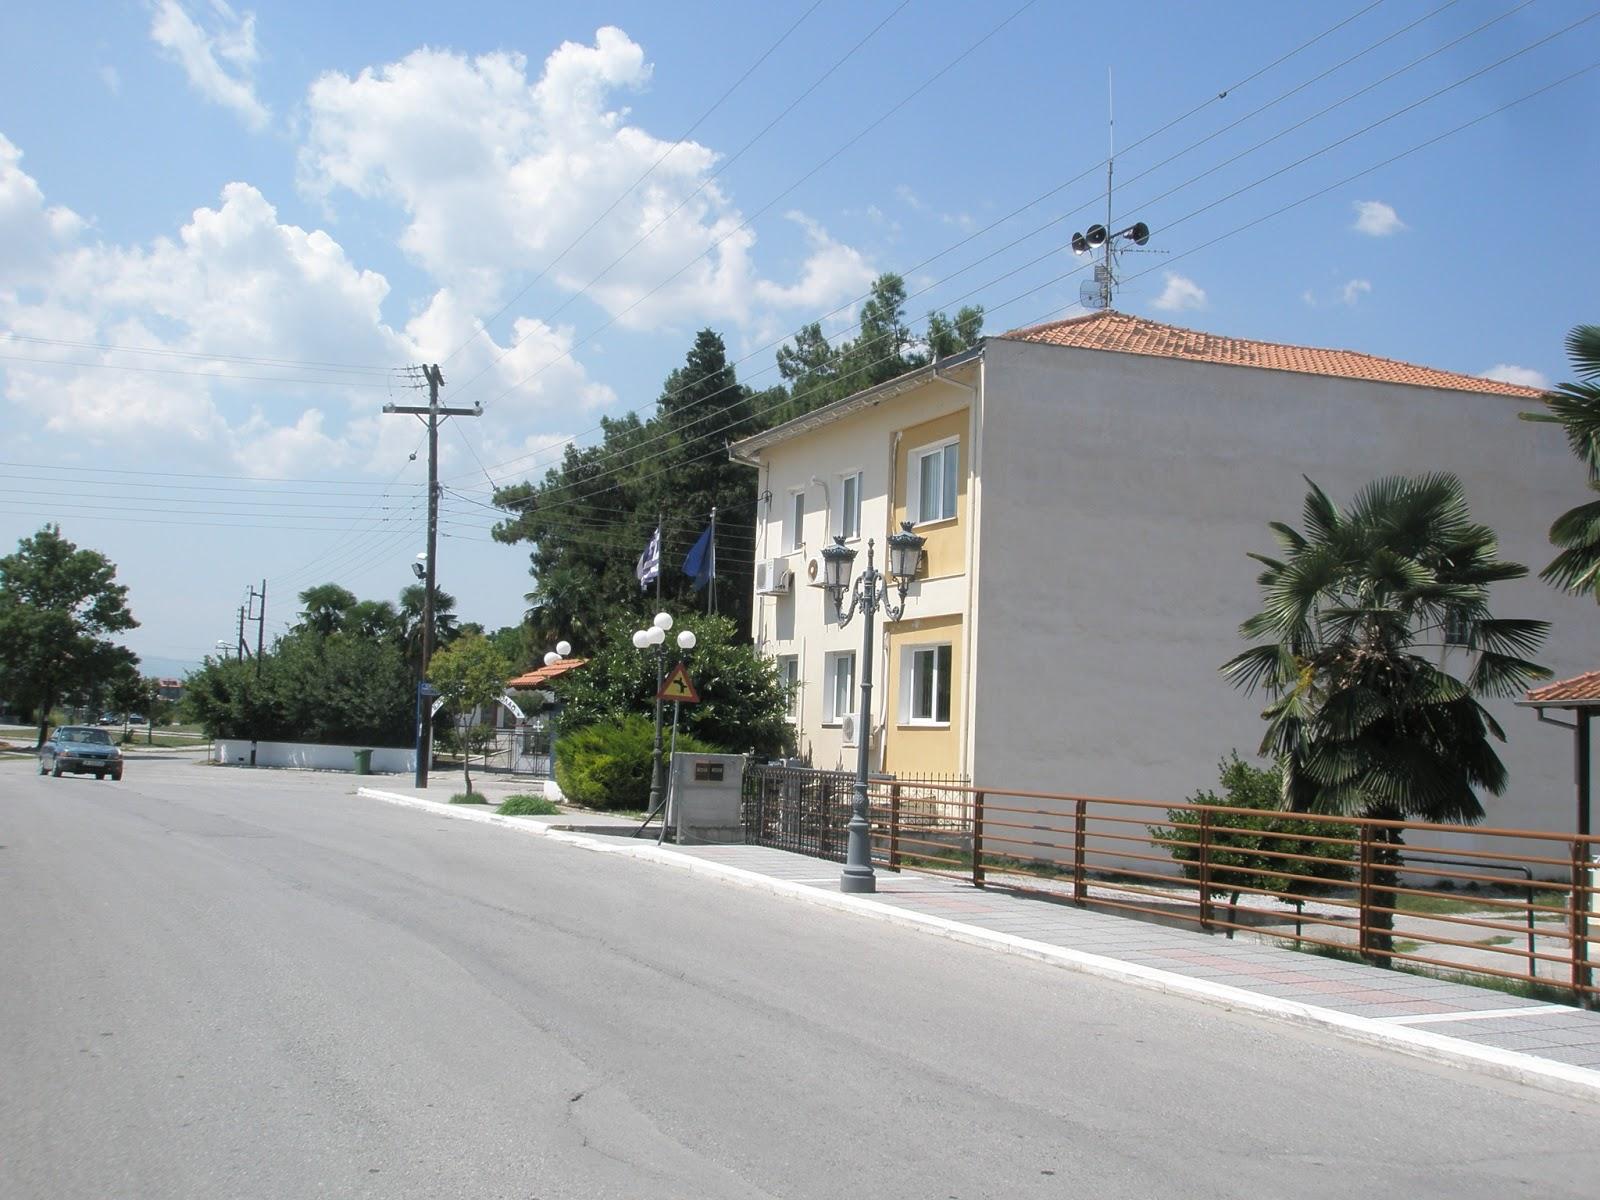 Виллы в греции афины